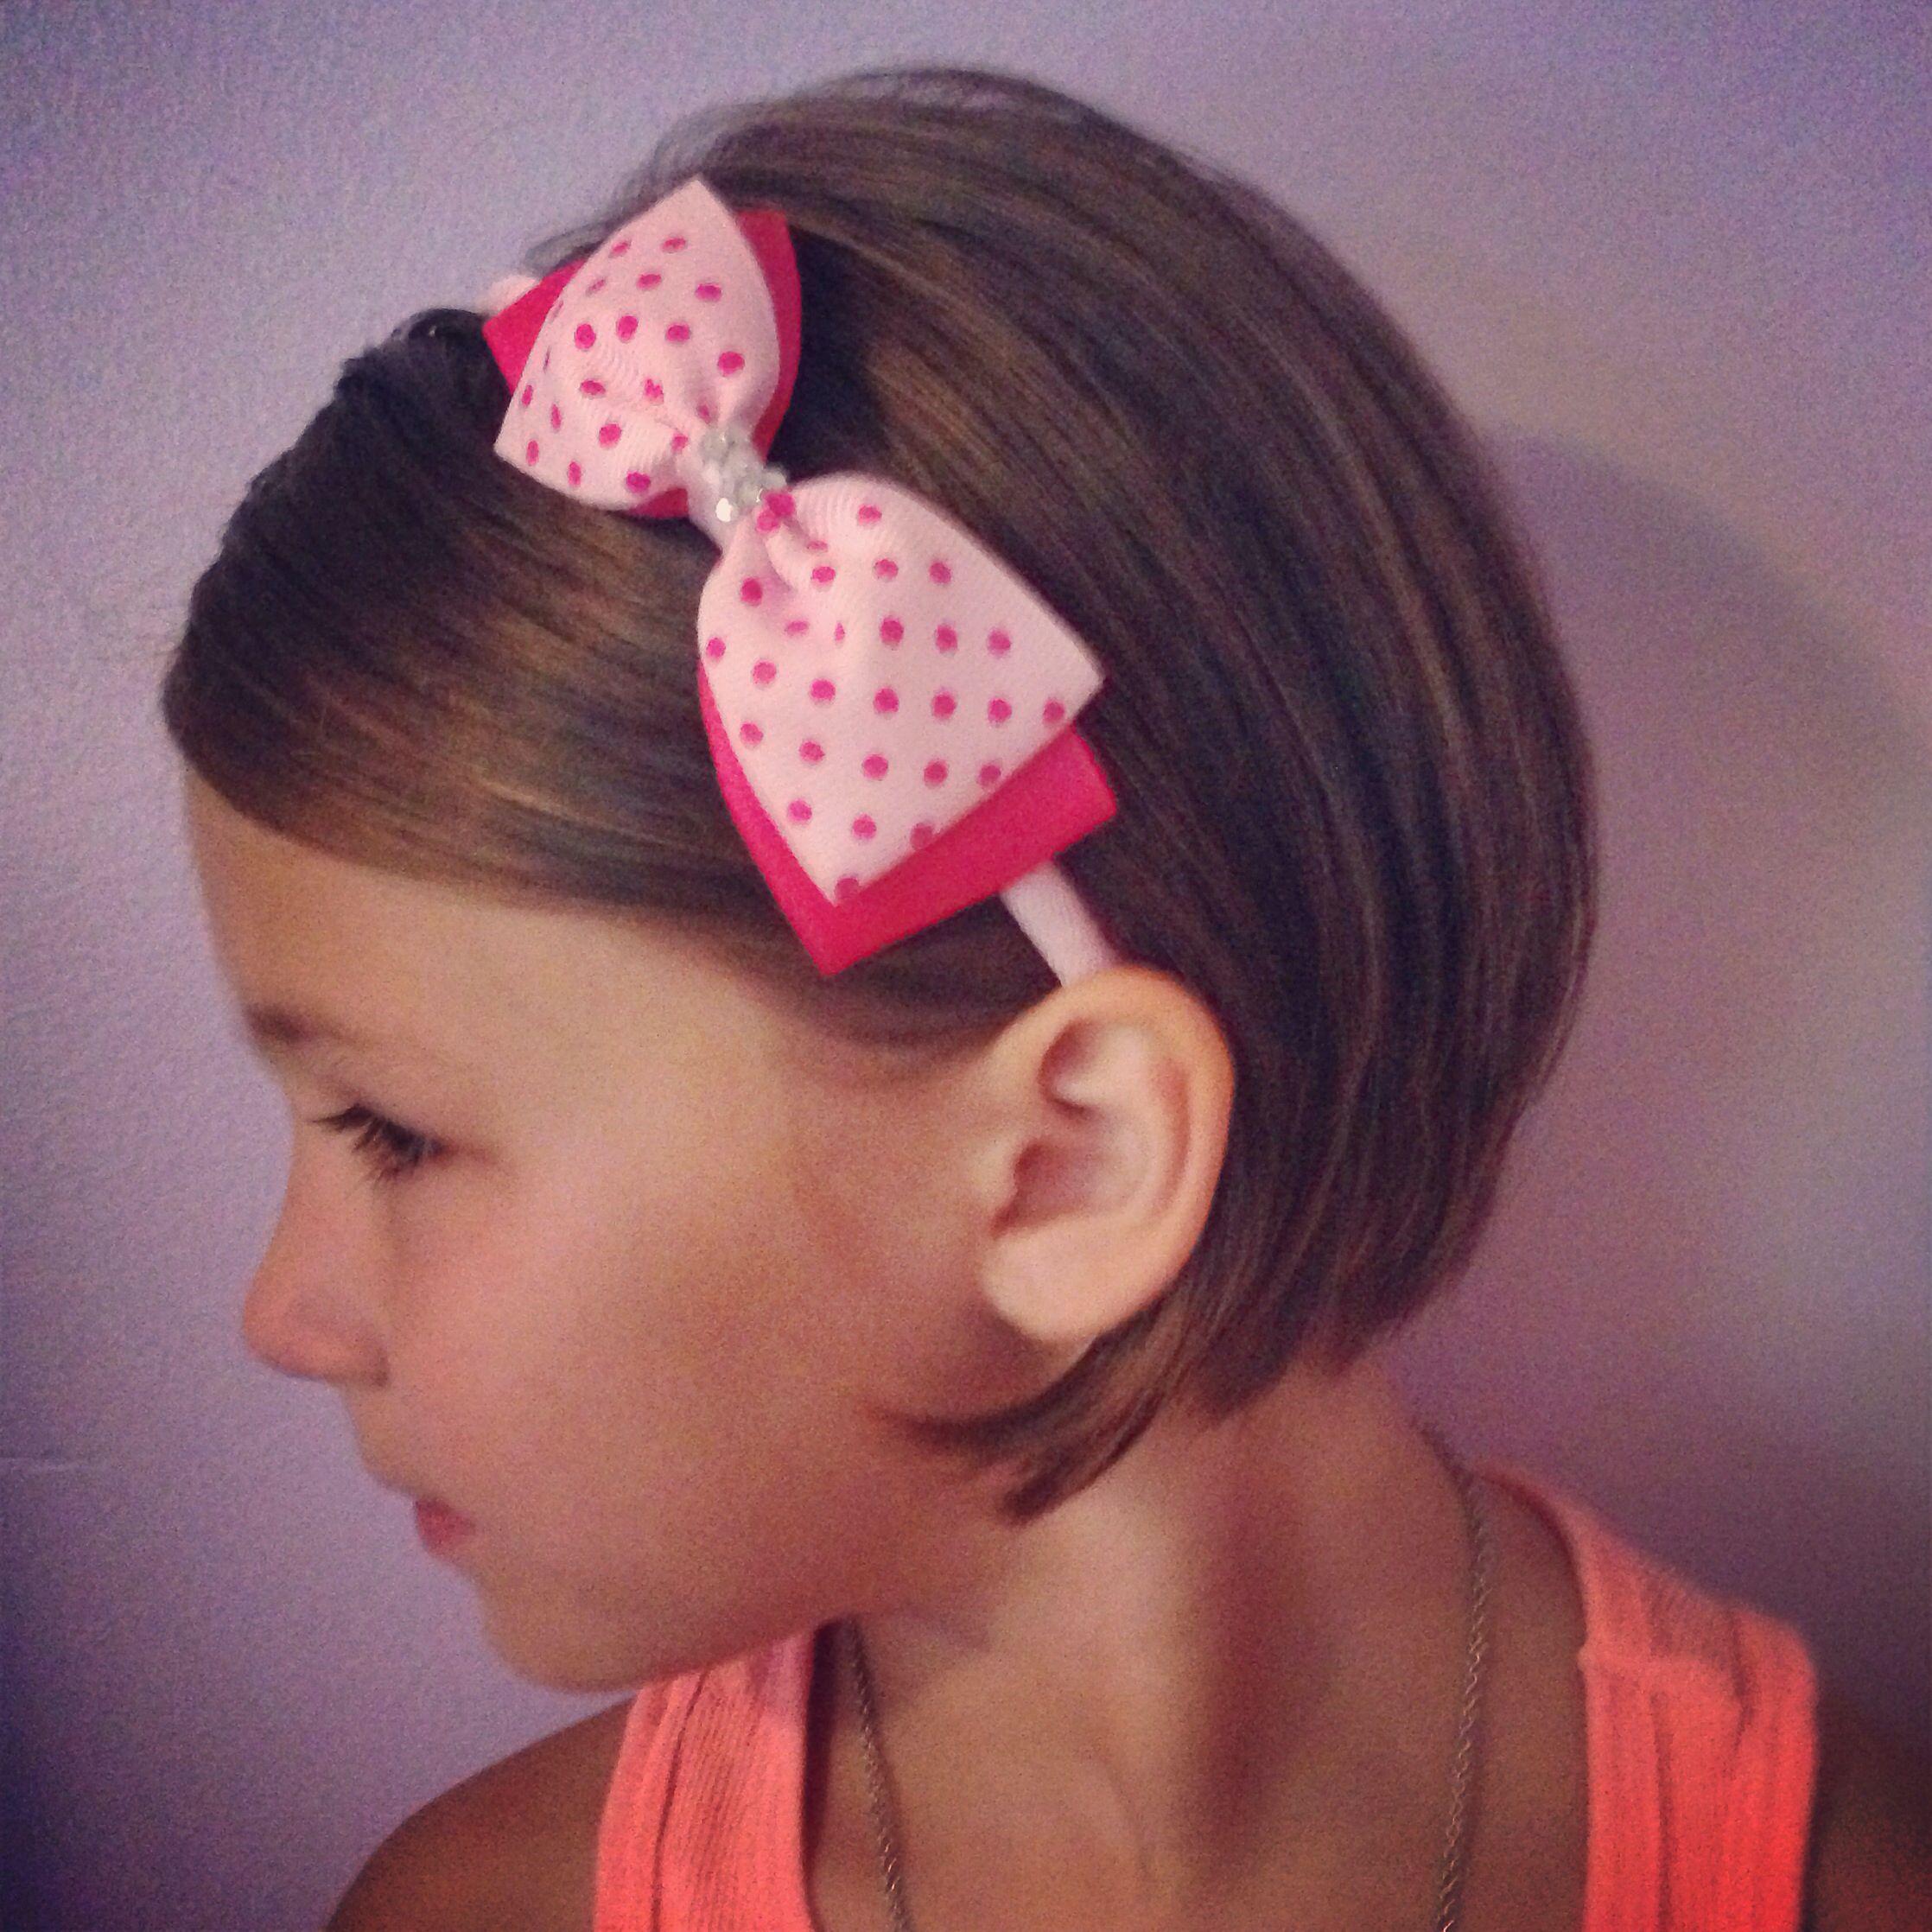 little girl short pixie hair cut | beauty: hair stuff | pinterest